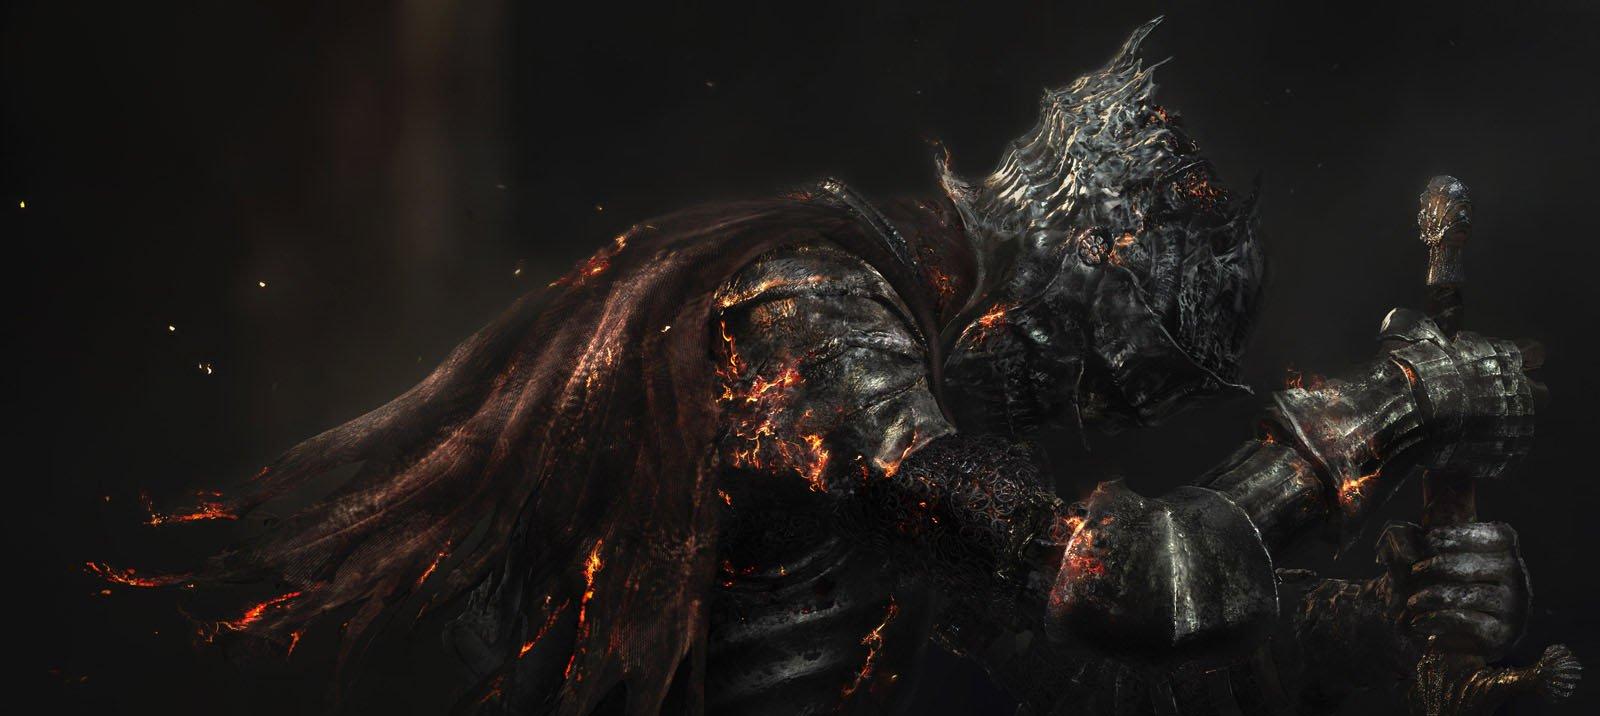 Пепел во тьме - Обзор Dark Souls 3 - Изображение 1